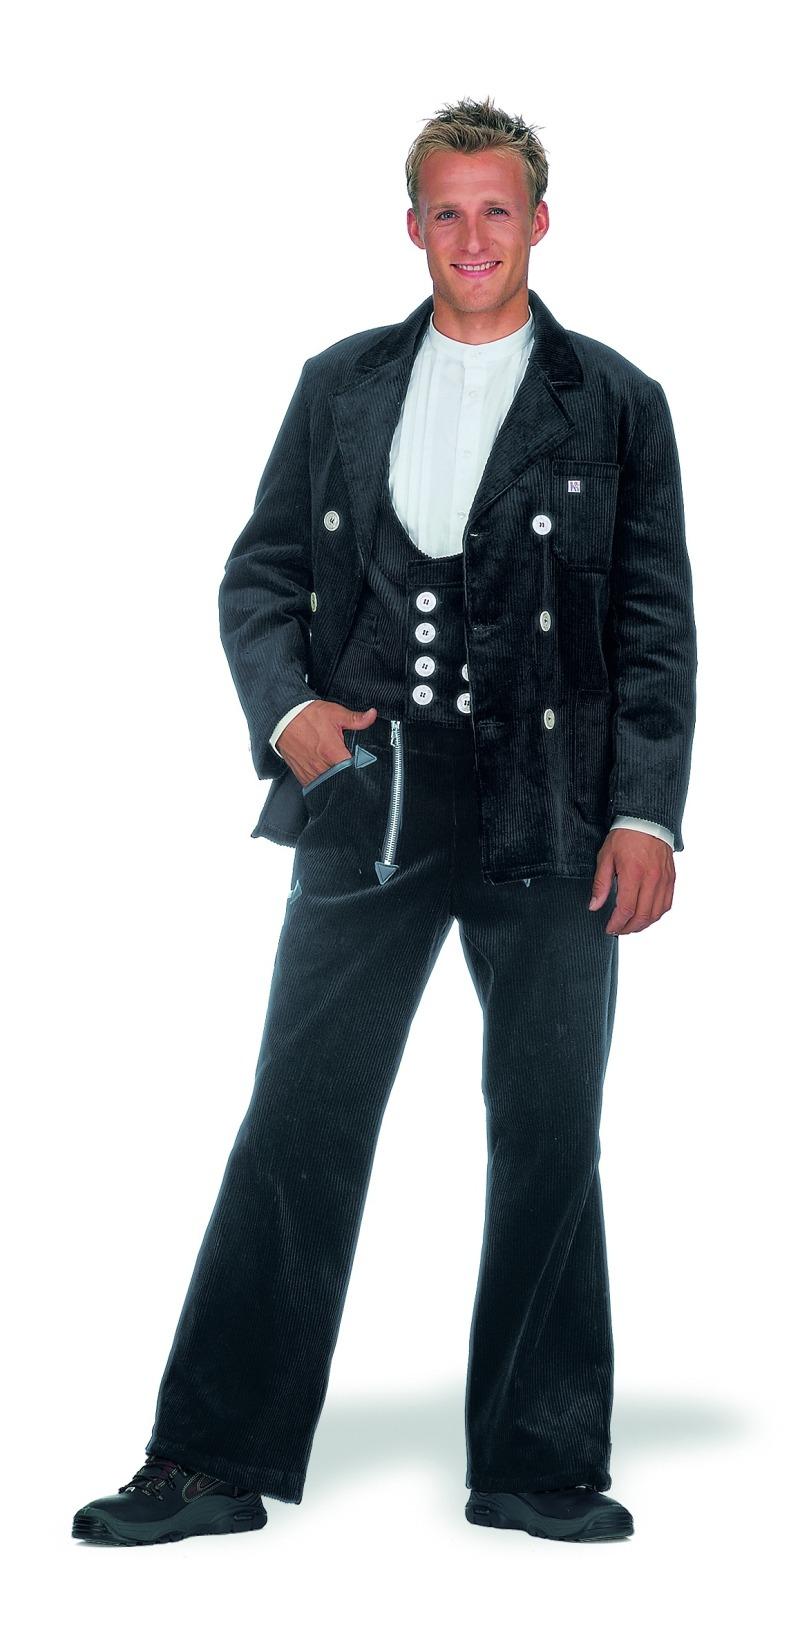 Dachdecker zunftkleidung  Made in Germany Zunftbekleidung, die sich nicht so einfach kopieren ...